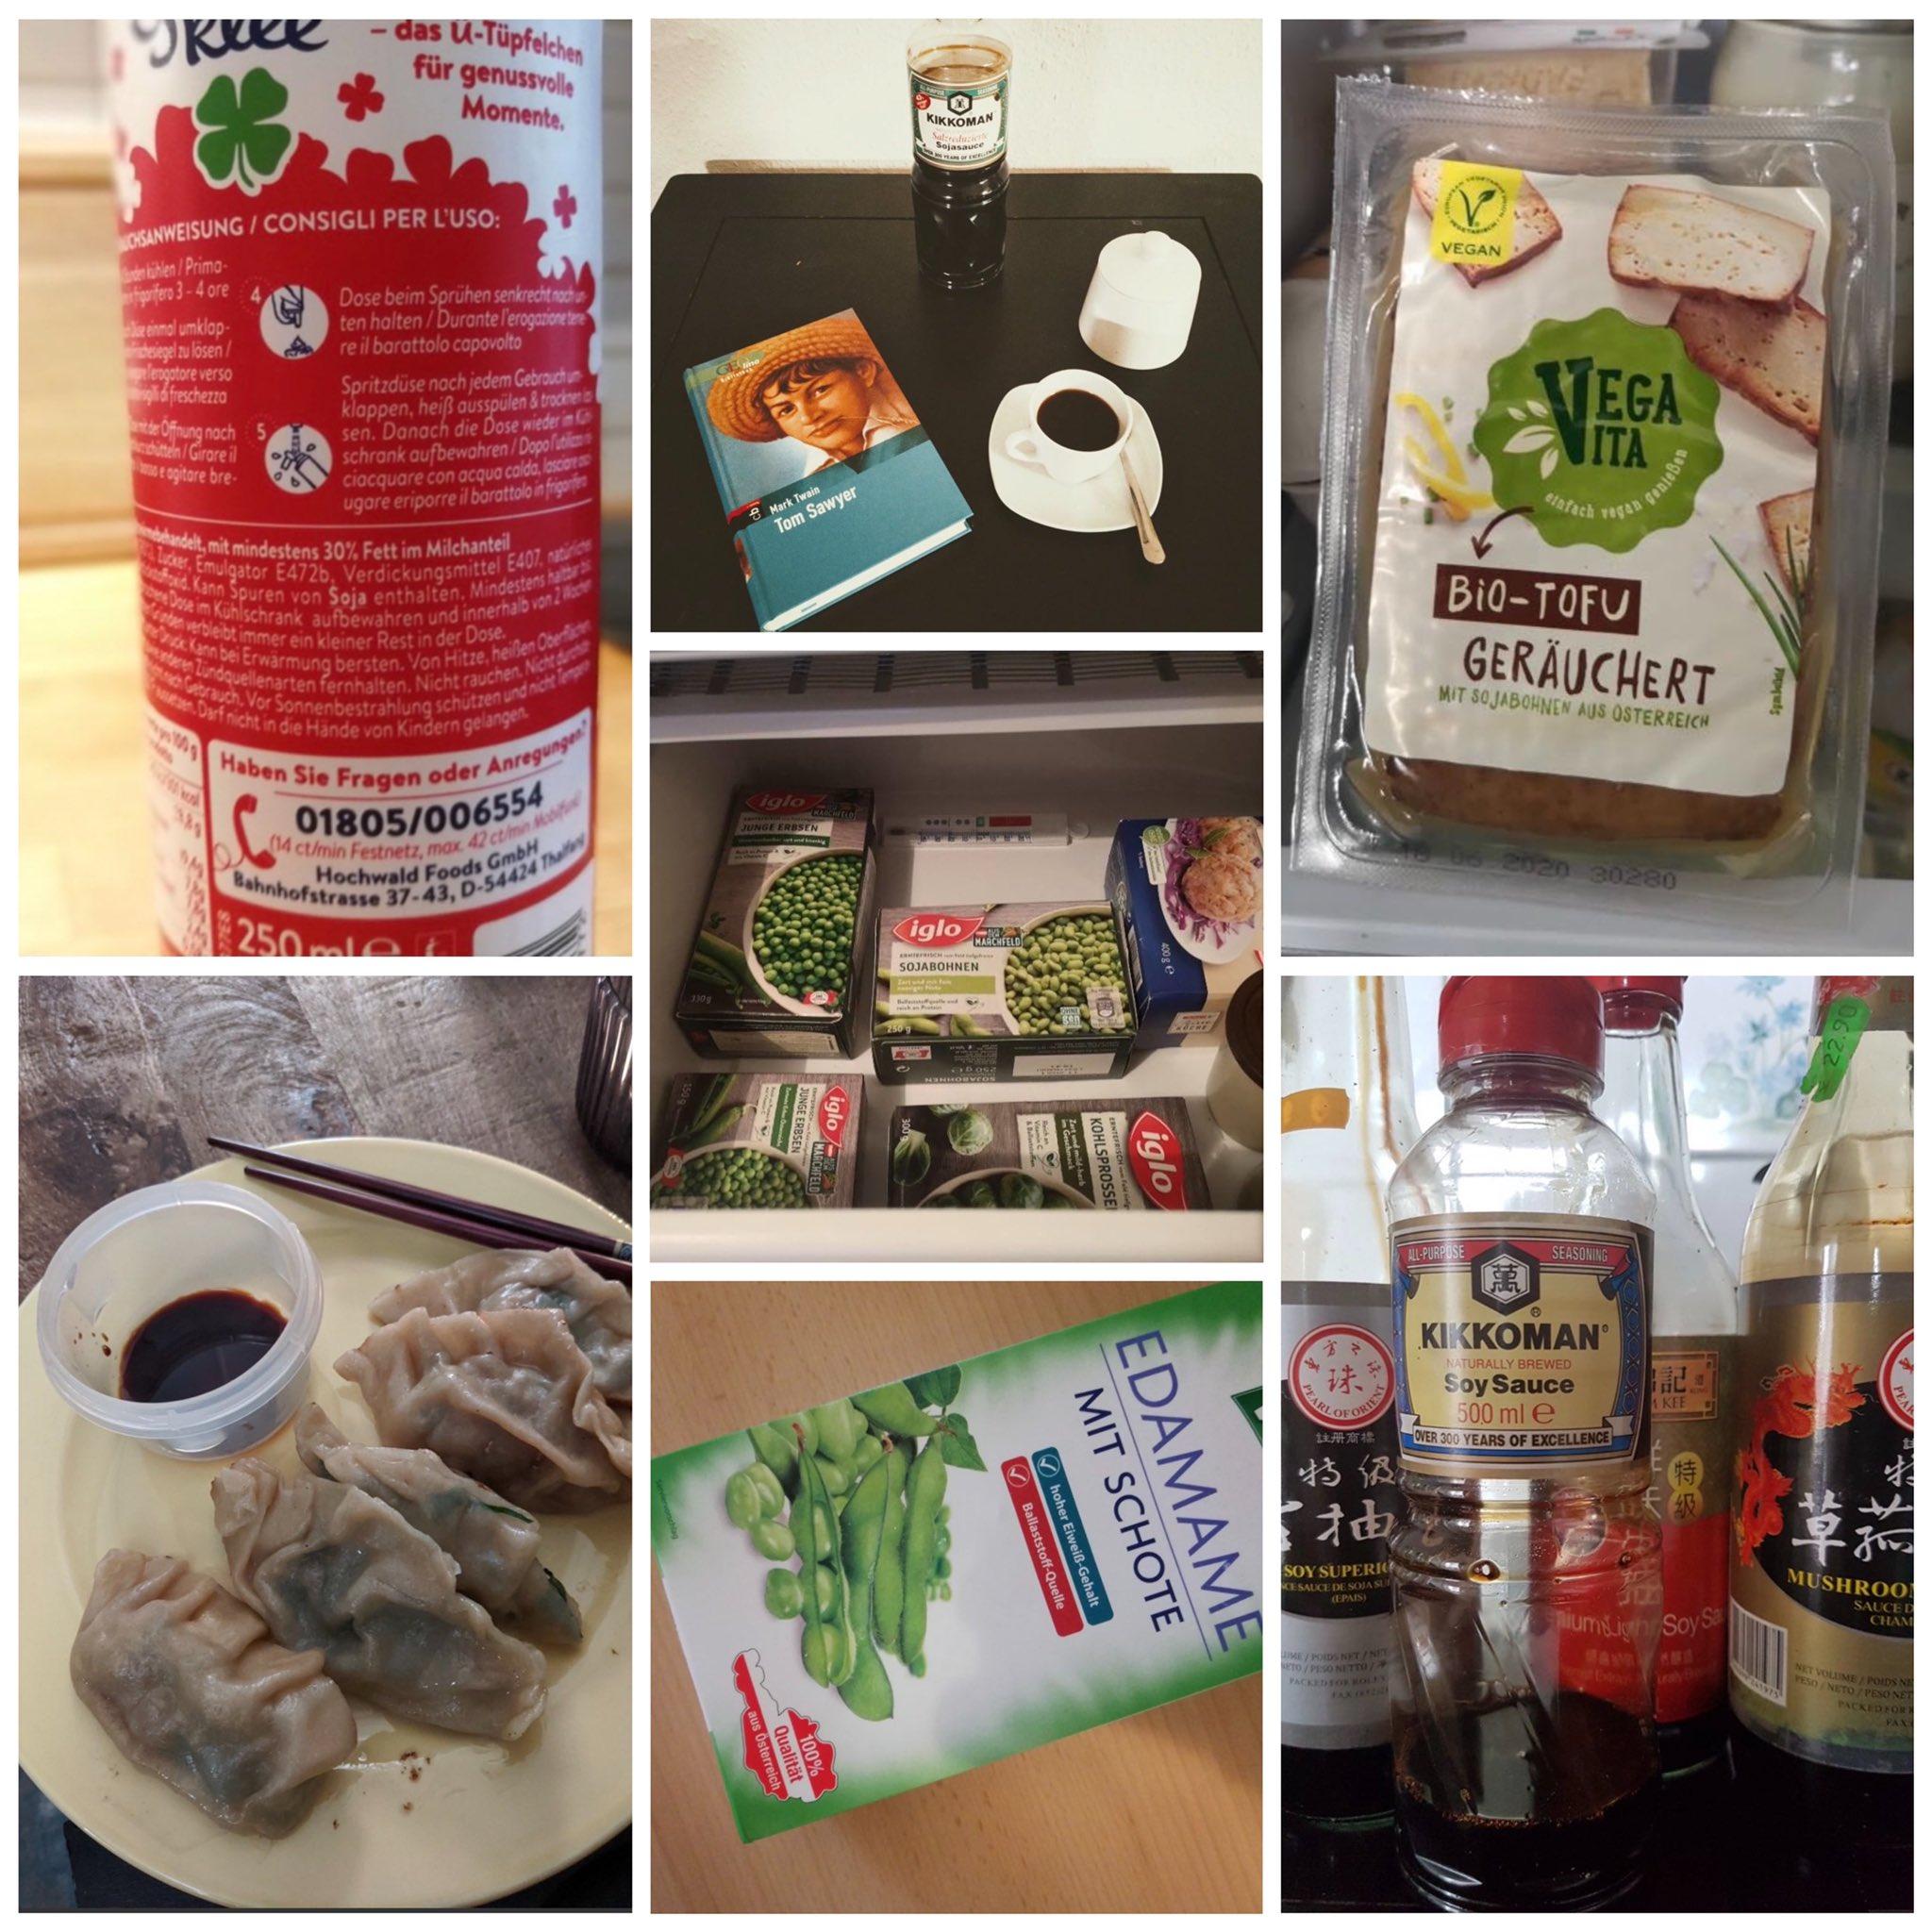 """Eine Collage aus mehreren Fotos, die Verwendungs- und Konsumformen von Soja zeigen: Sojatofu, Sojasoße in Flaschen und angerichtet auf einem Teller, ein Edamame-Label, Sojamilch, der Verweis auf Verpackungen """"Kann Spuren von Soja enthalten""""."""